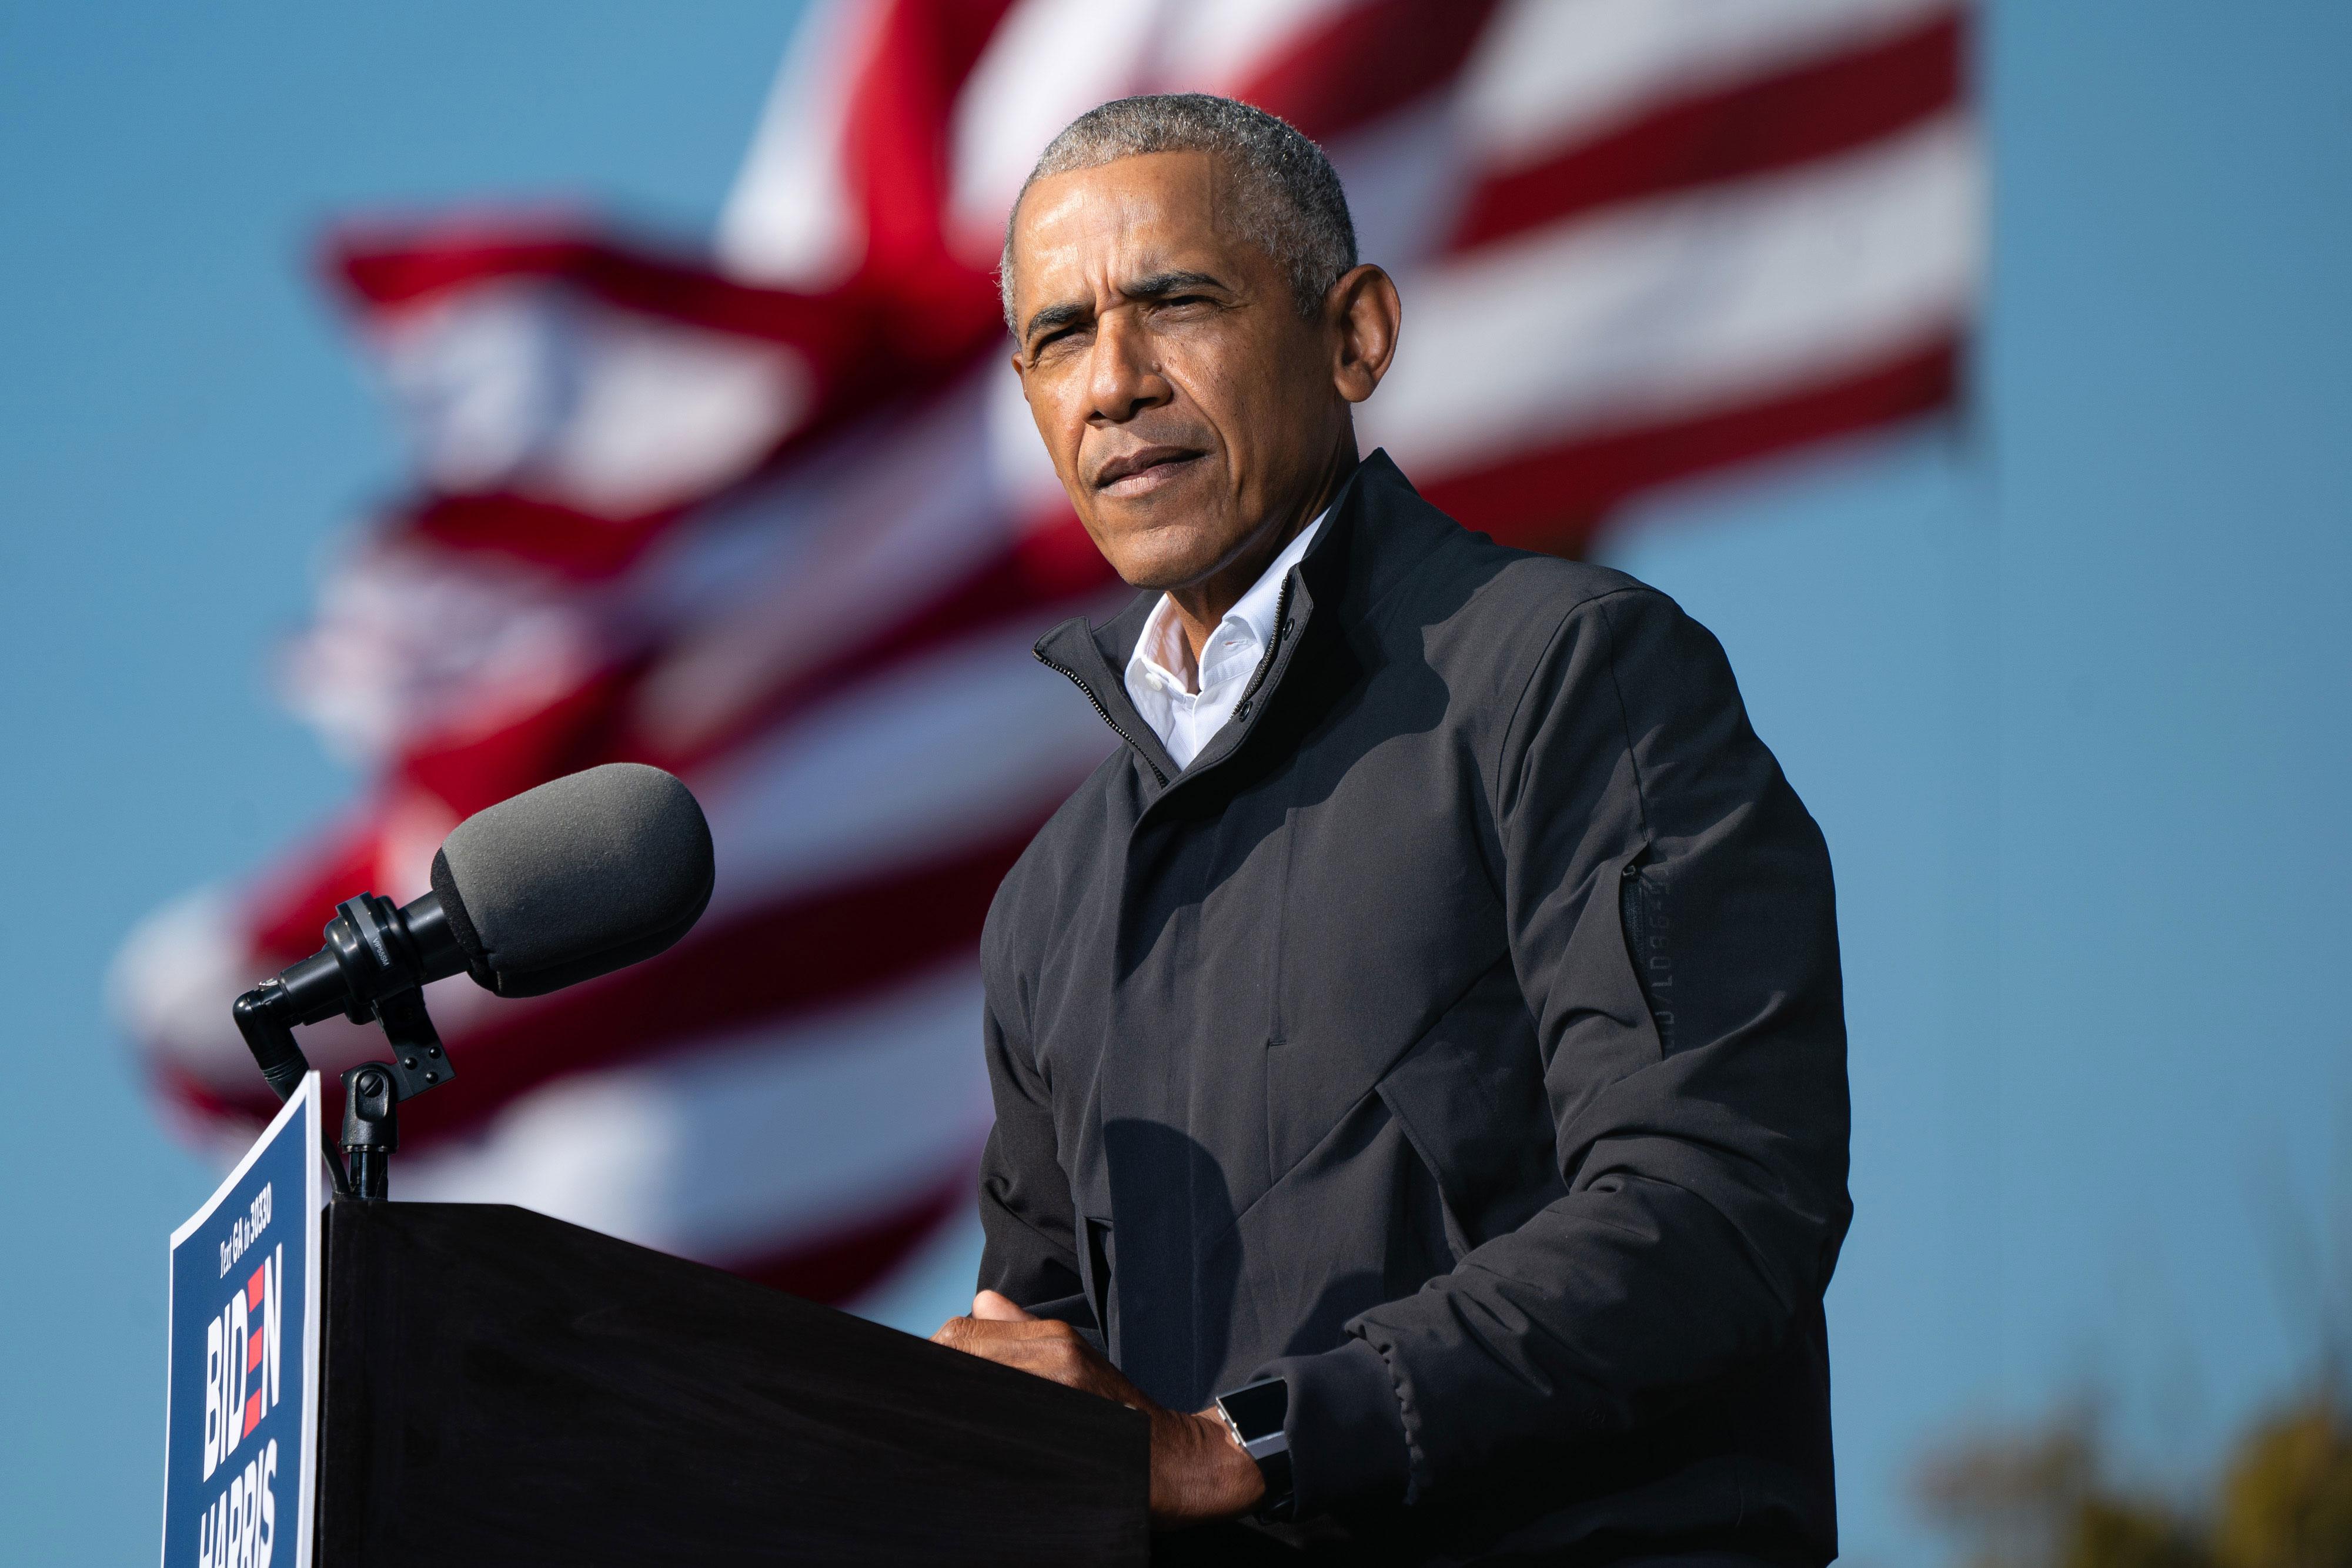 Former US President Barack Obama campaigns for then-presidential nominee Joe Biden in Atlanta on November 2, 2020.